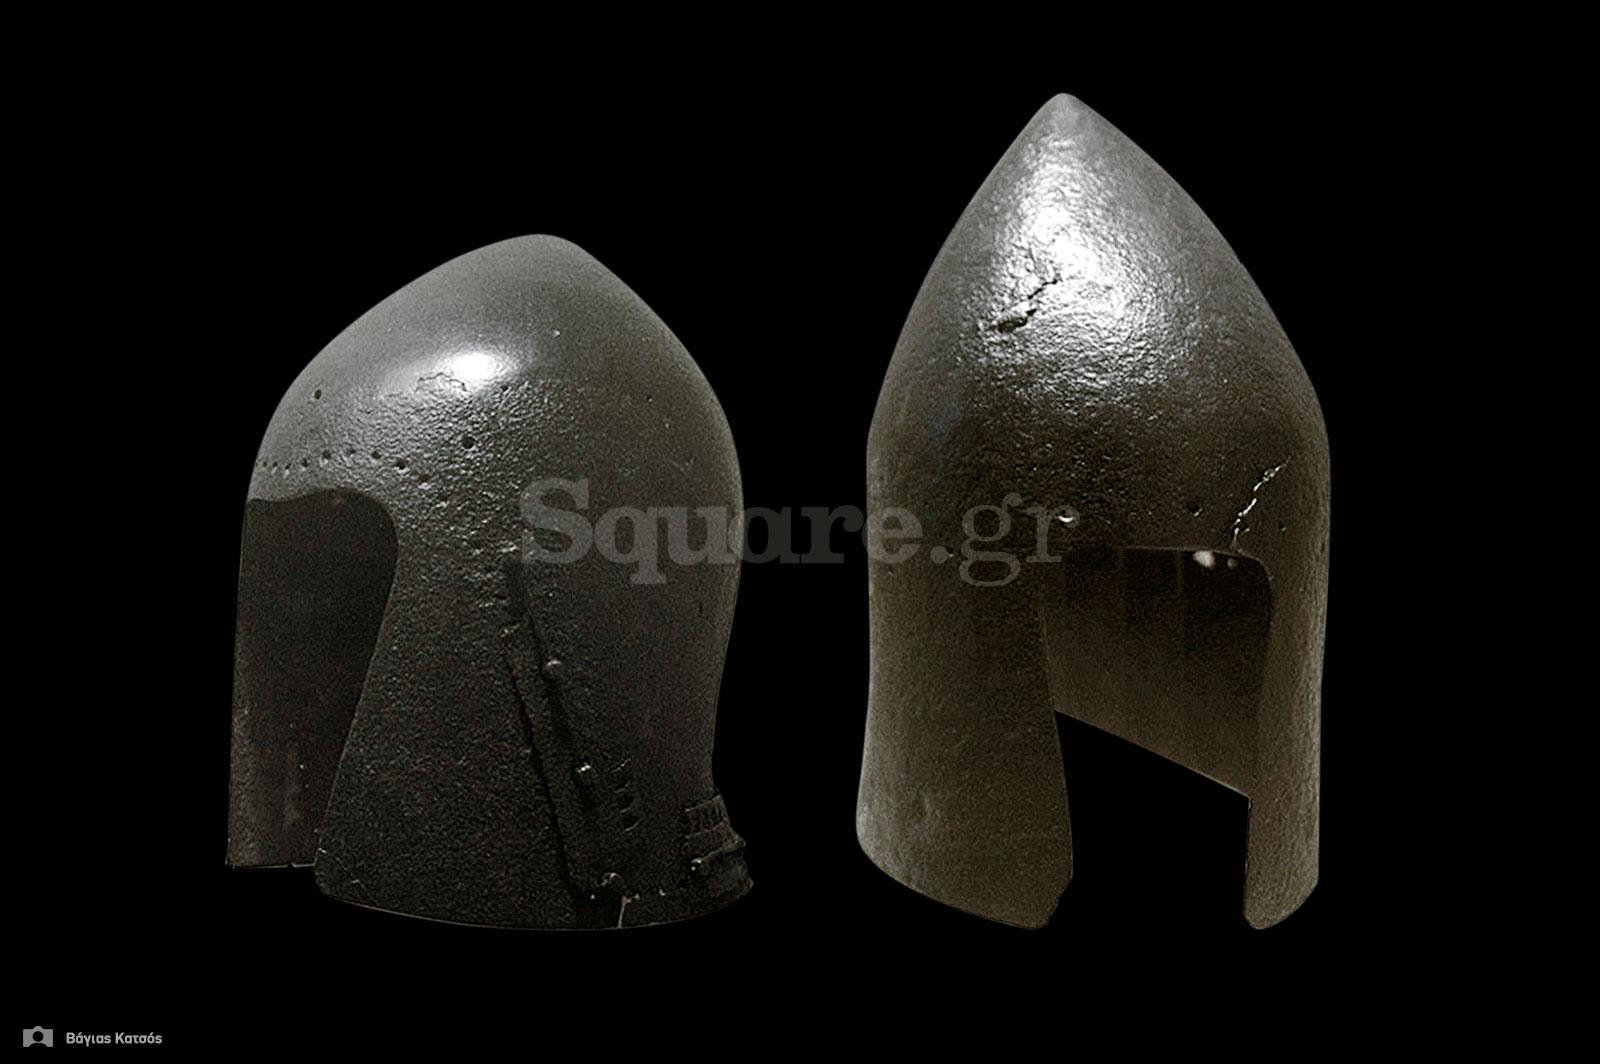 8-Κράνη-τύπου-bascinet-(ή-αλλιώς-barbute)-από-την-μεσαιωνική-συλλογή-της-Χαλκίδας